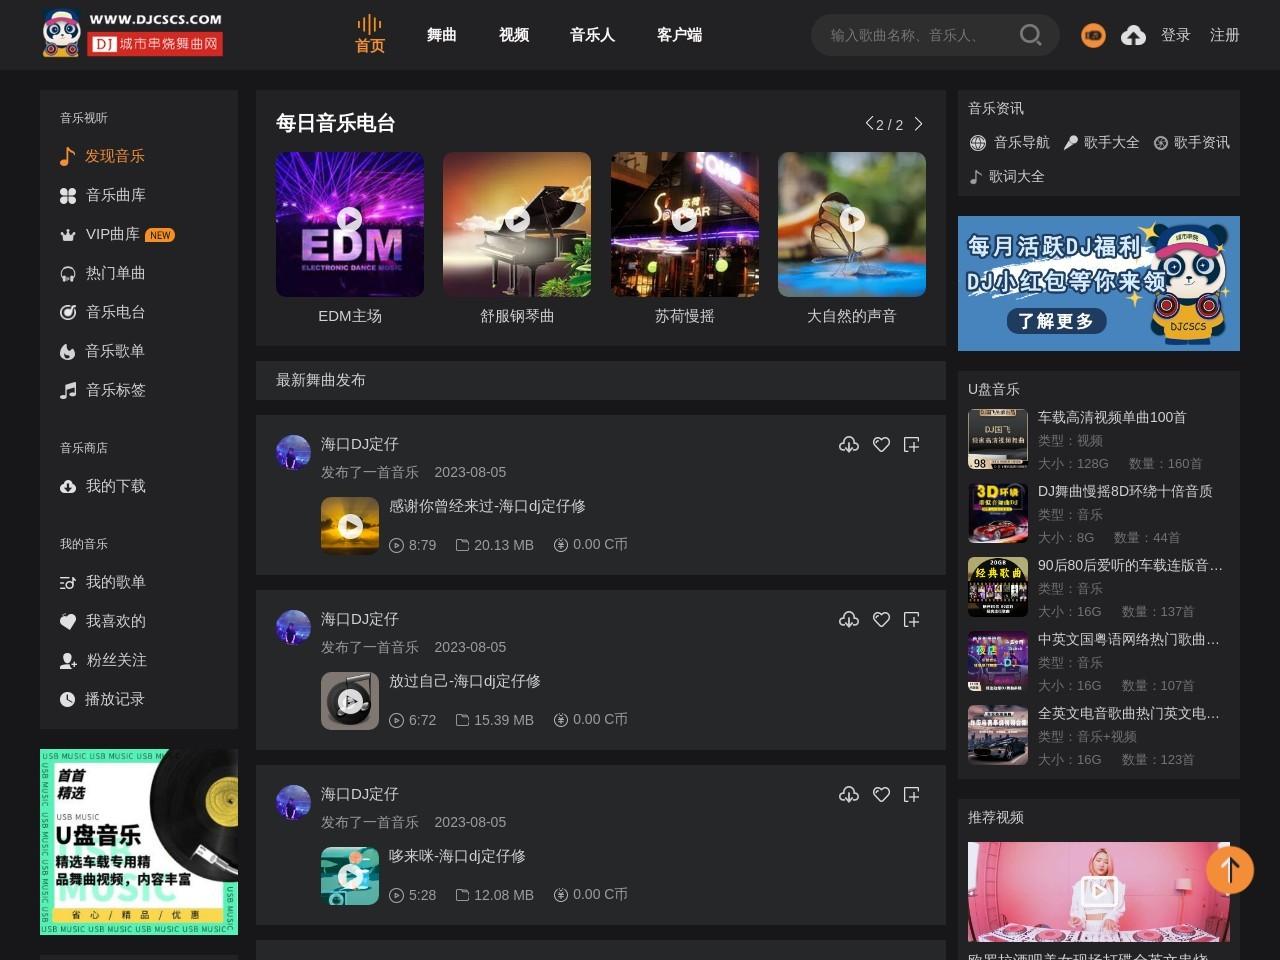 桂林漫音dj网 dj咚鼓 dj舞曲 DJ音乐